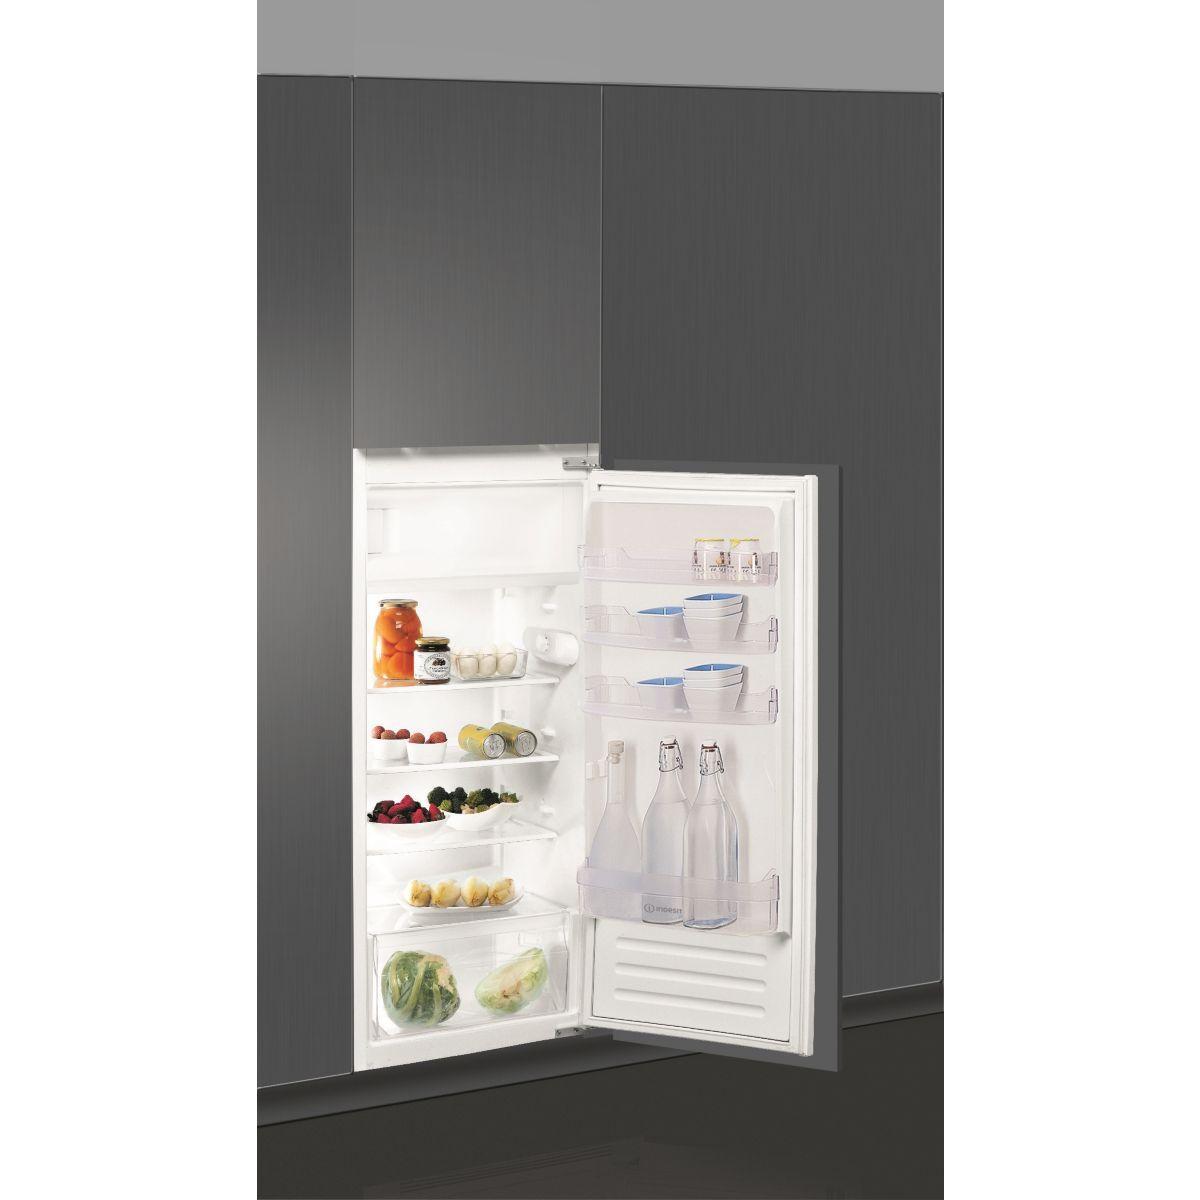 Réfrigérateur 1 porte encastrable INDESIT SZI12A1D/IR